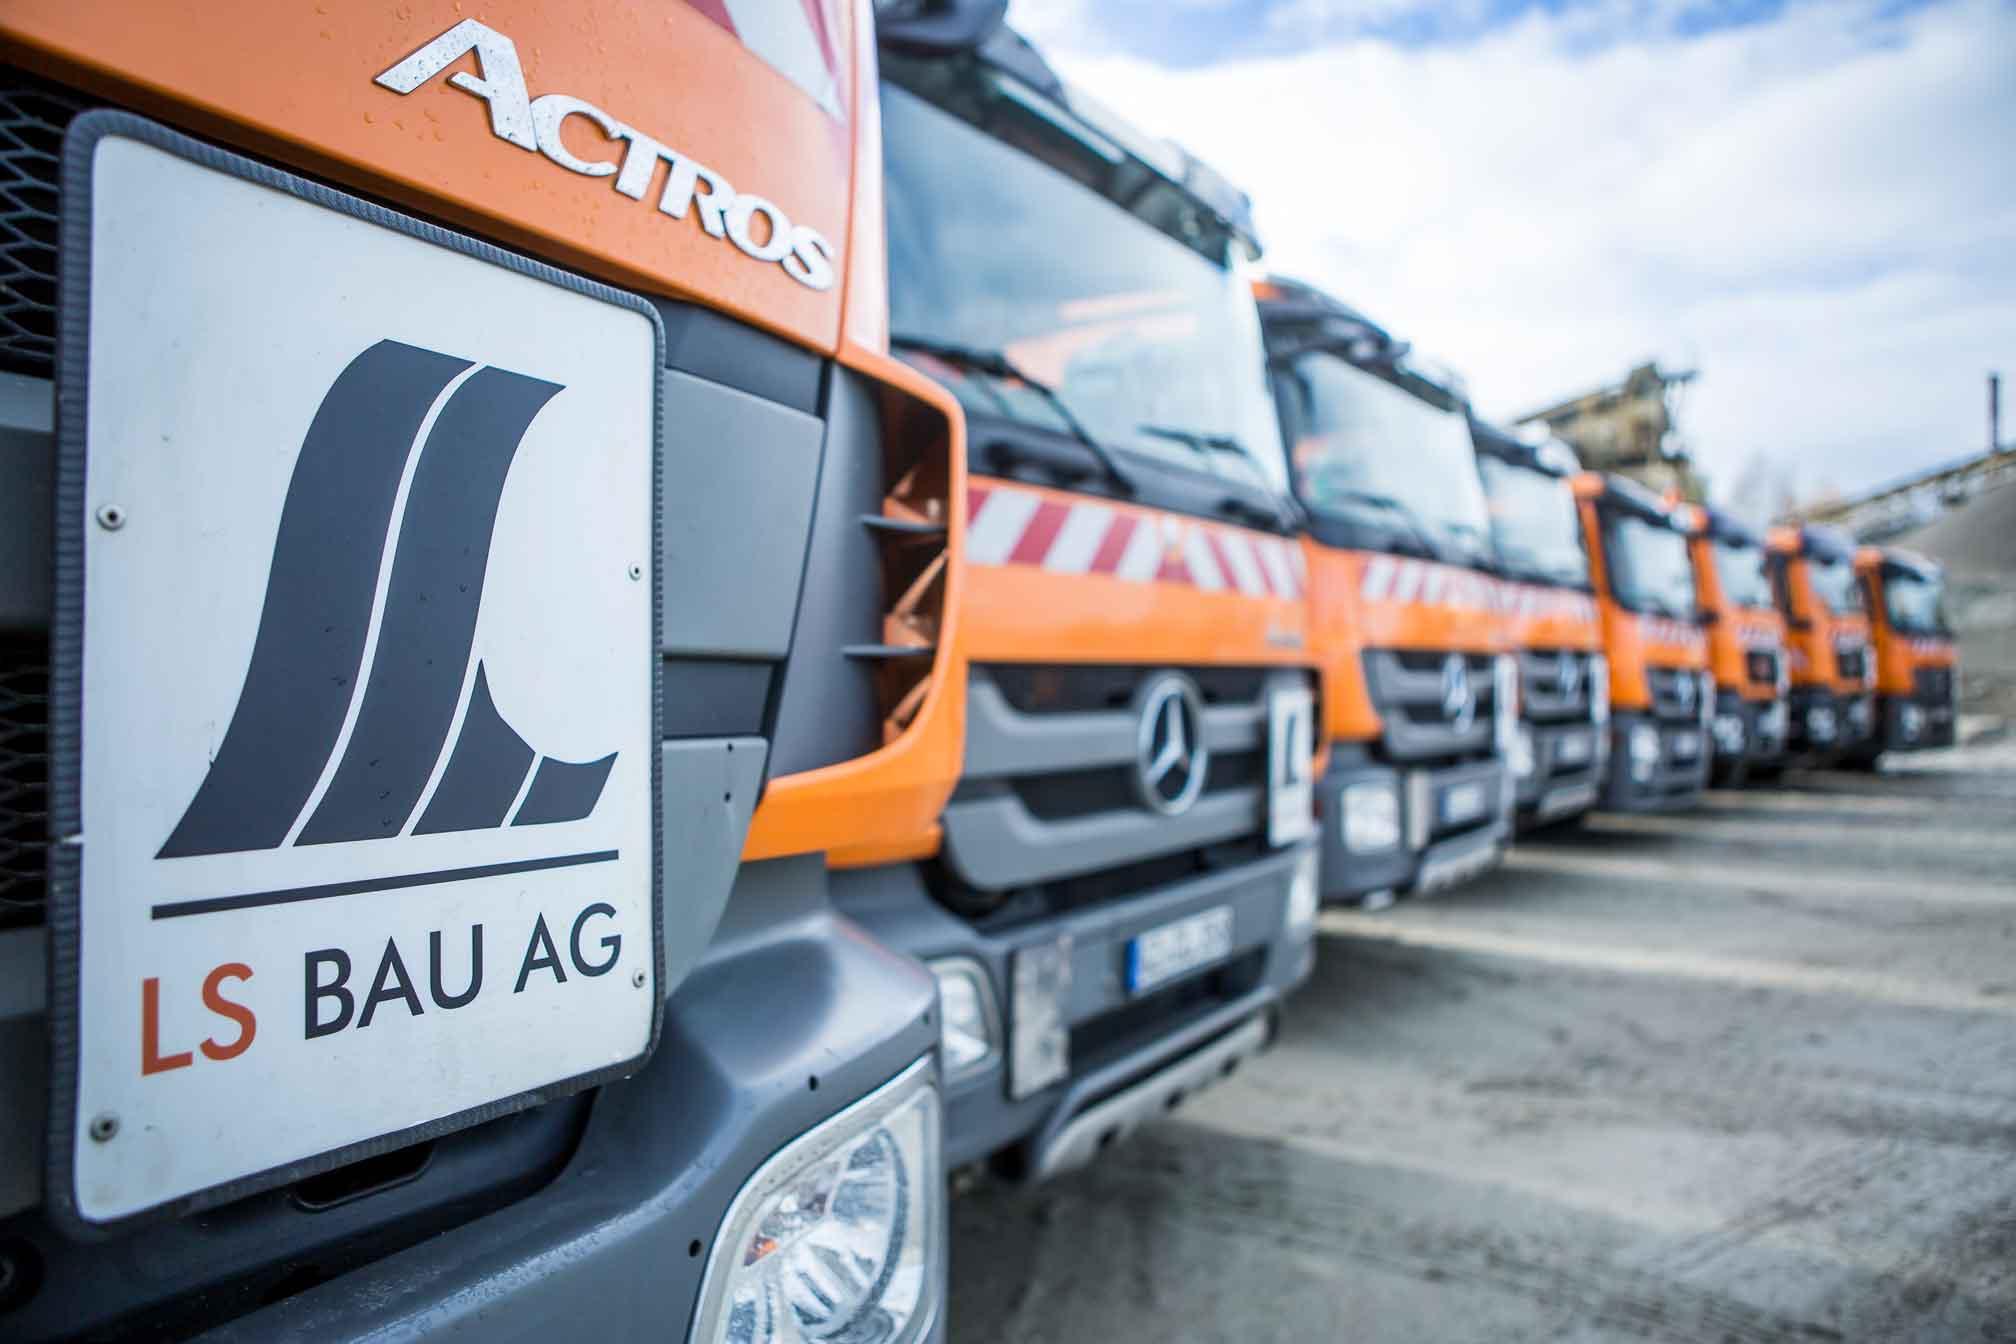 Mehrere LKW'S mit LS Bau AG Logo im Vordergrund